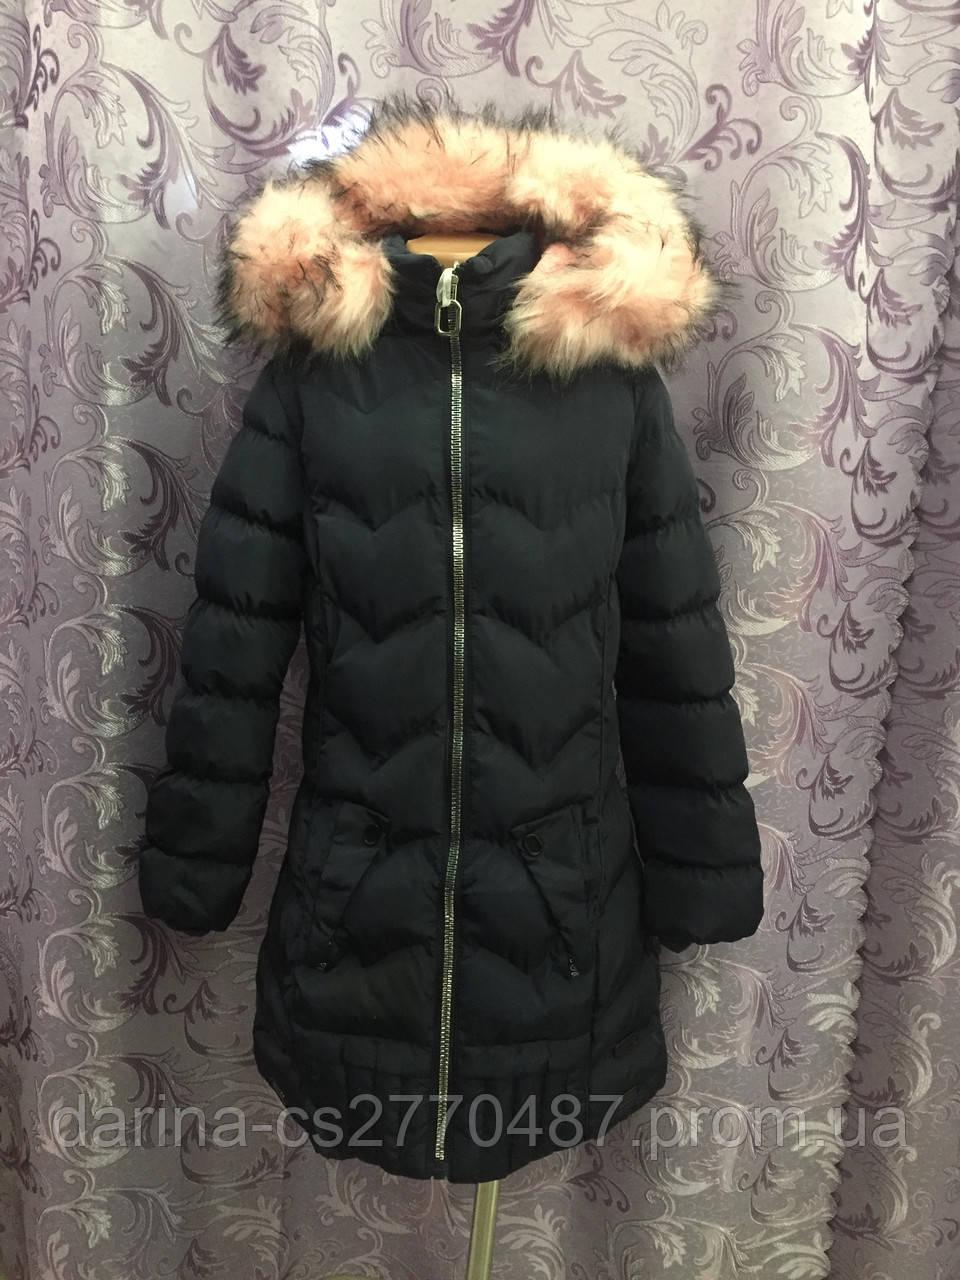 Подростковое зимнее пальто для девочки  - Дарина - интернет магазин детской и мужской одежды. Новогодние скидки. в Запорожской области